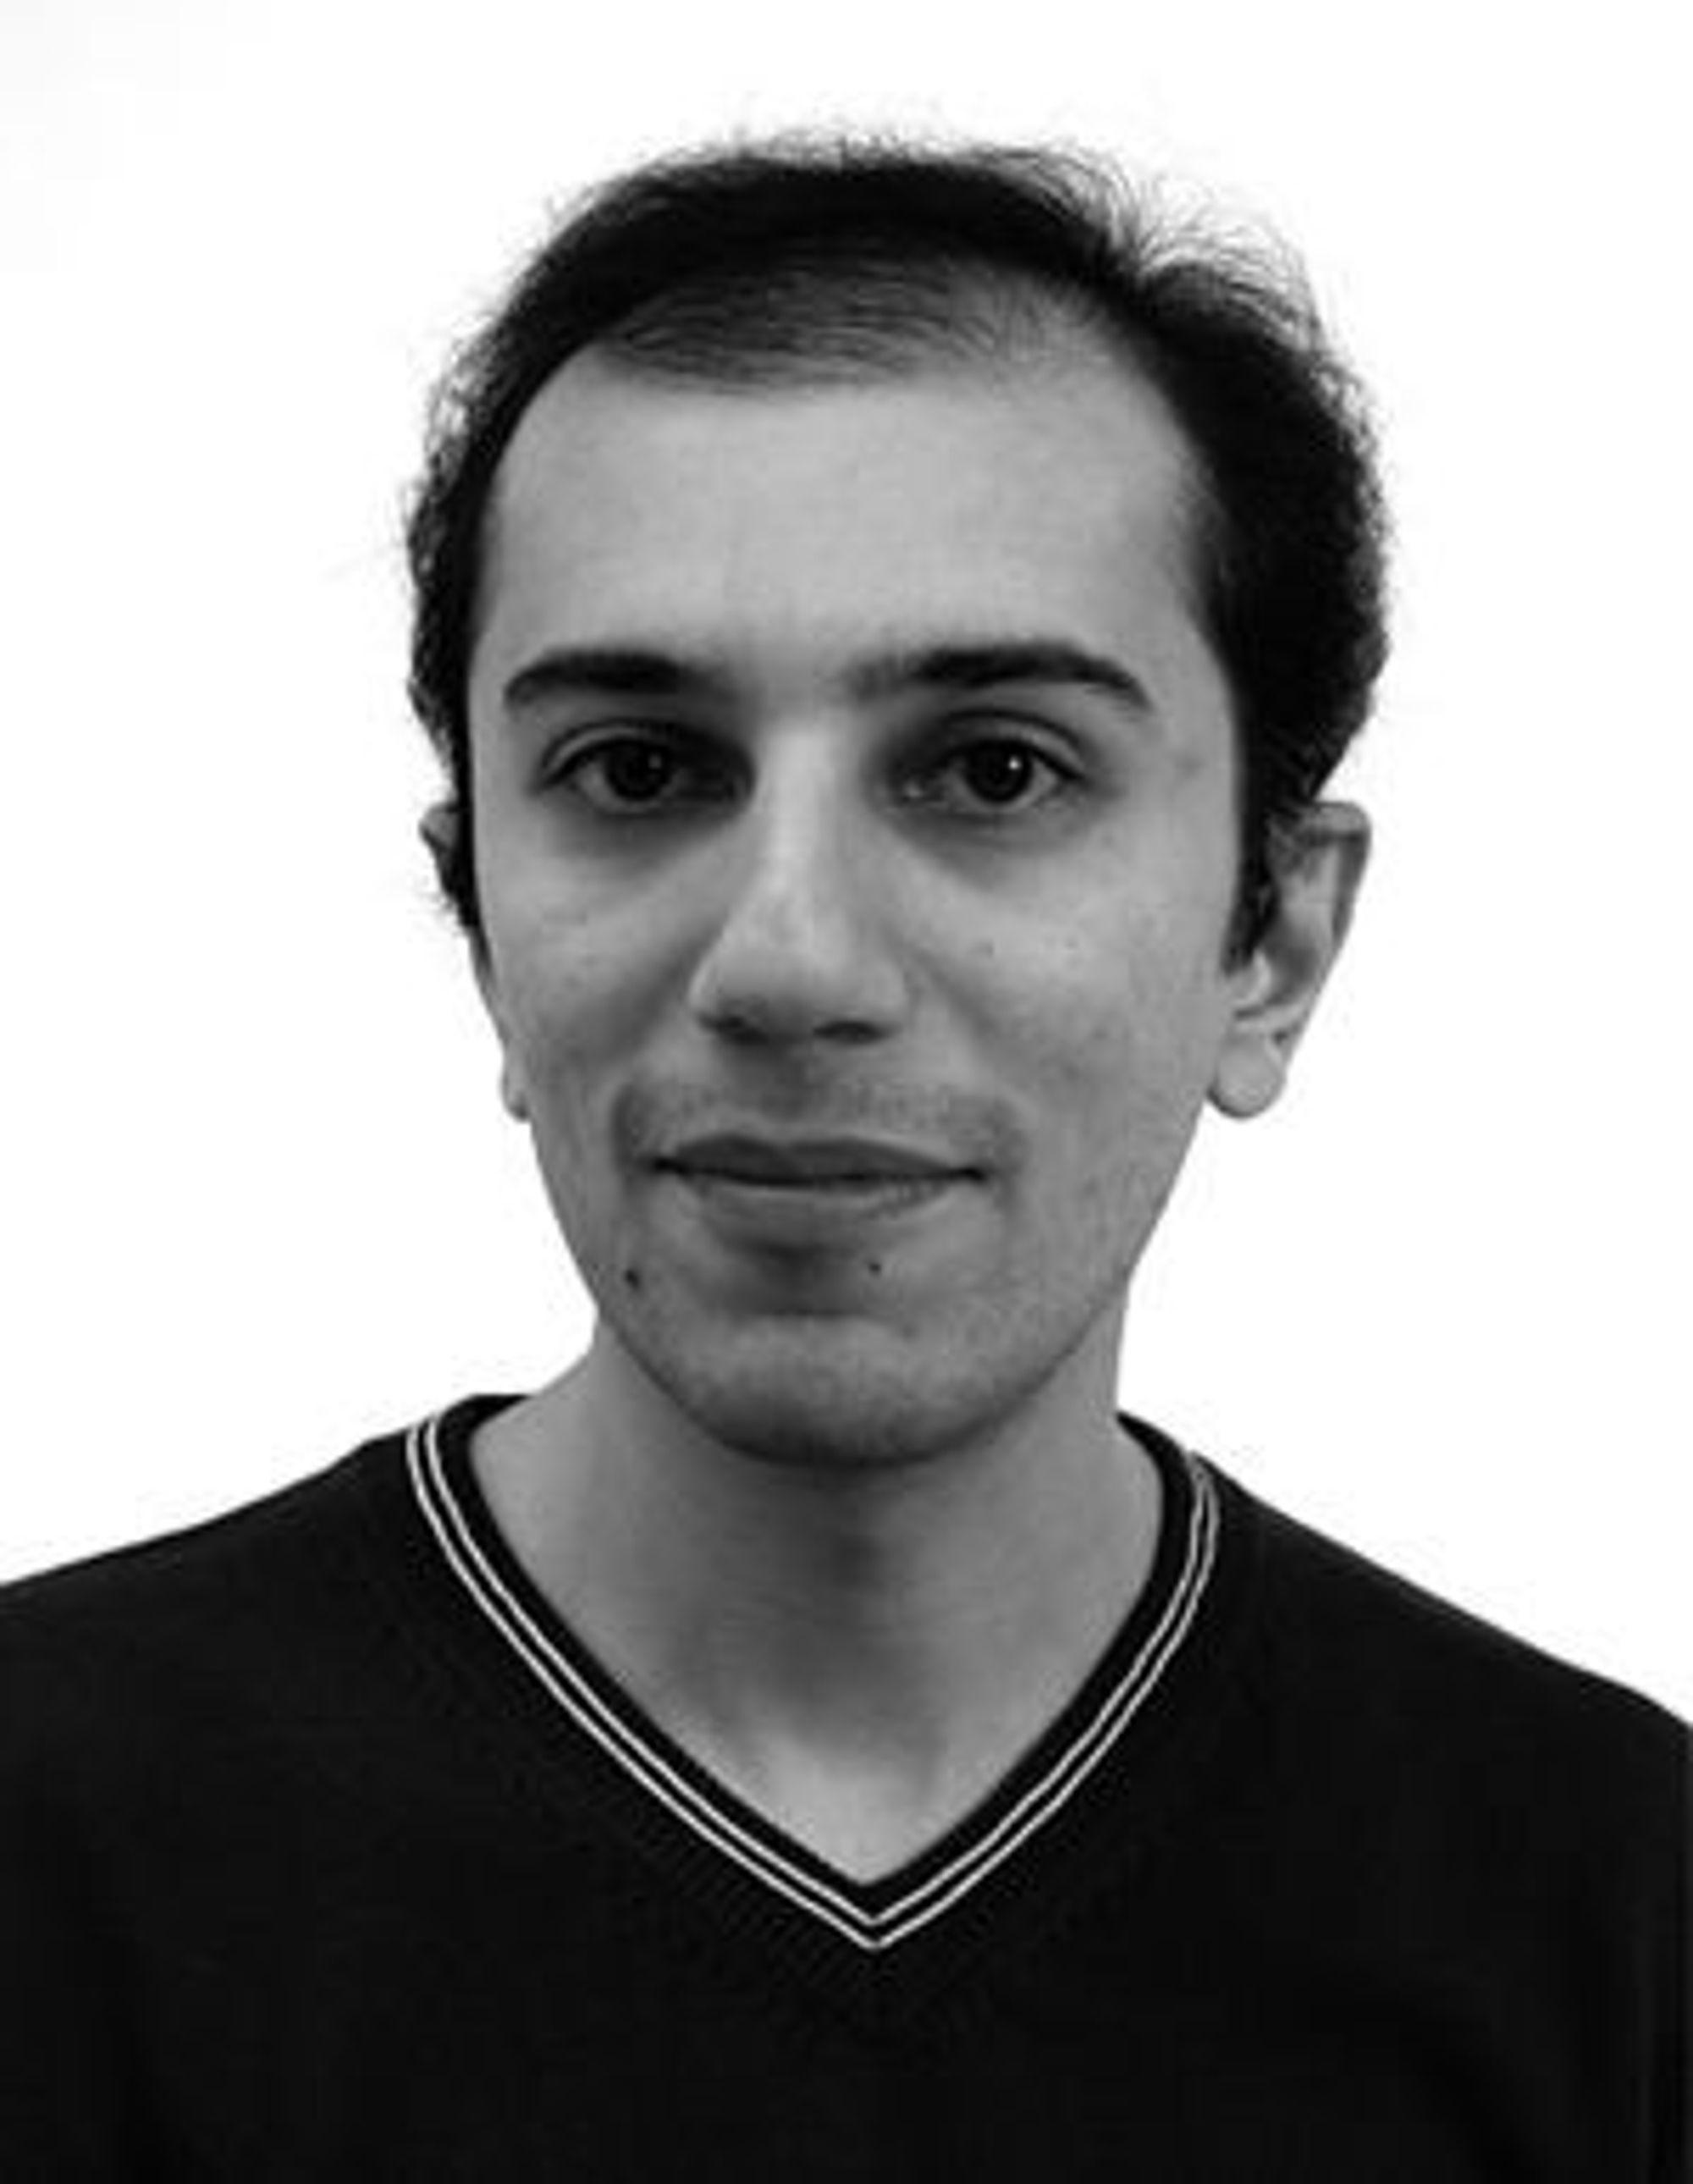 Mohammad Ravanbakhsh skal forsvare sin avhandling «Towards Optimal Data Transmission By Network Coding».